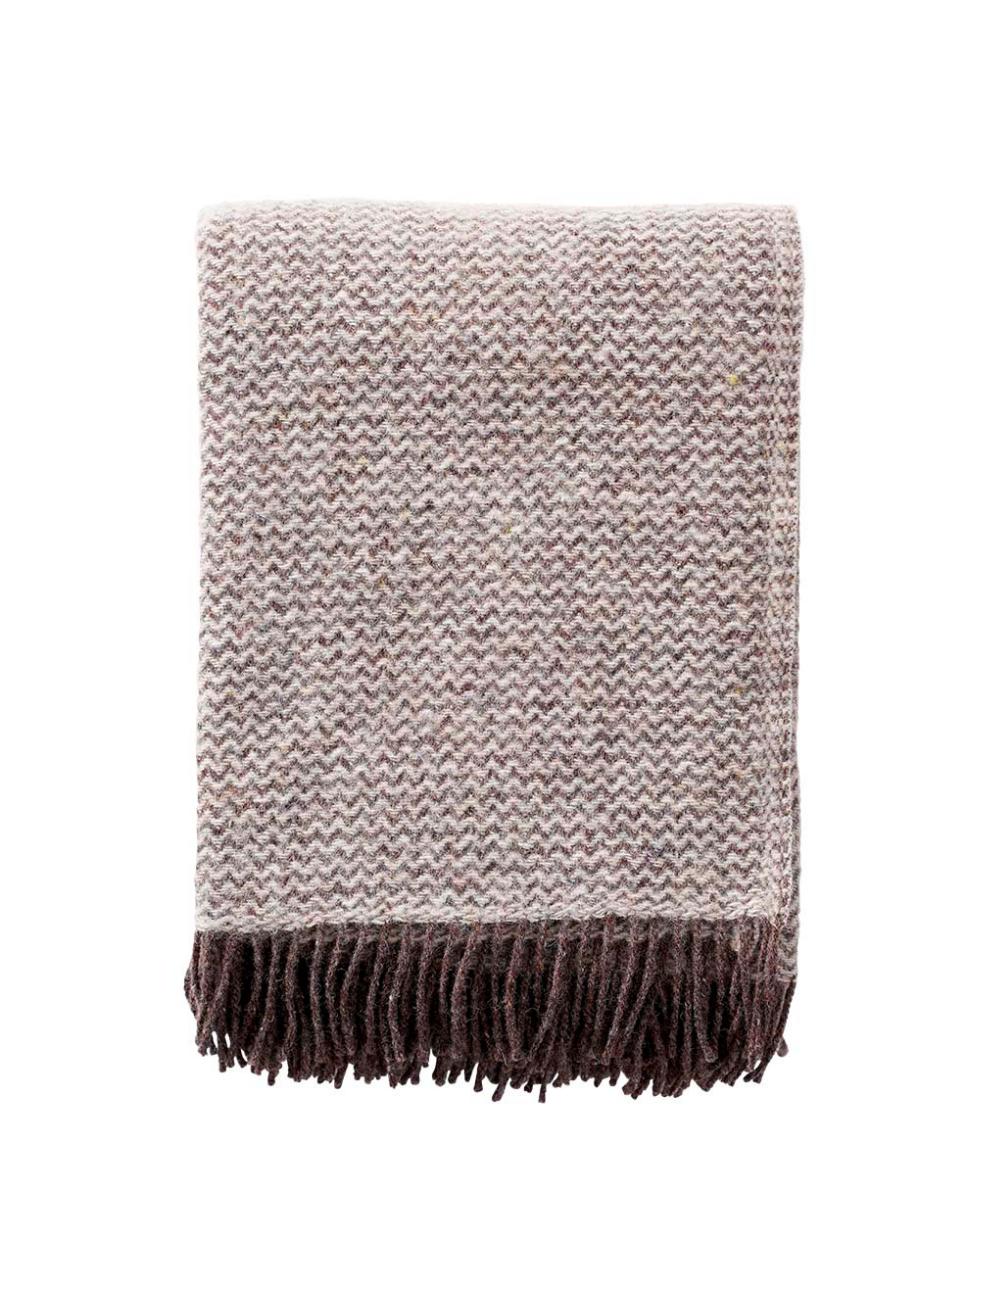 Wave Natrual Brown Wool Blanket